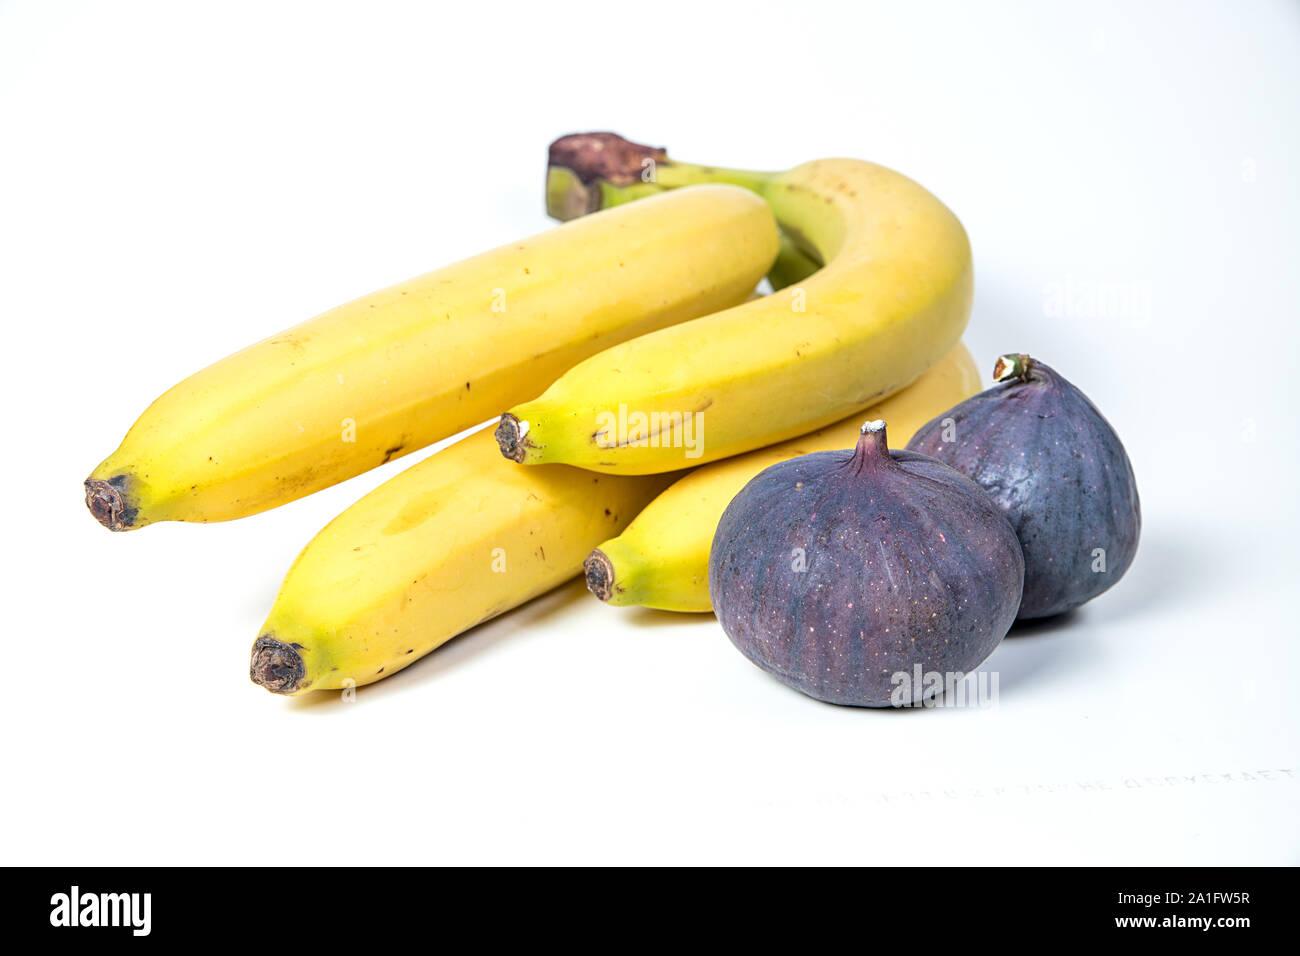 Los higos y plátanos, hermosos frutos, plátanos, higos, púrpura cerca, concepto de vitaminas, la alimentación vegetariana, comer sano, Foto de stock